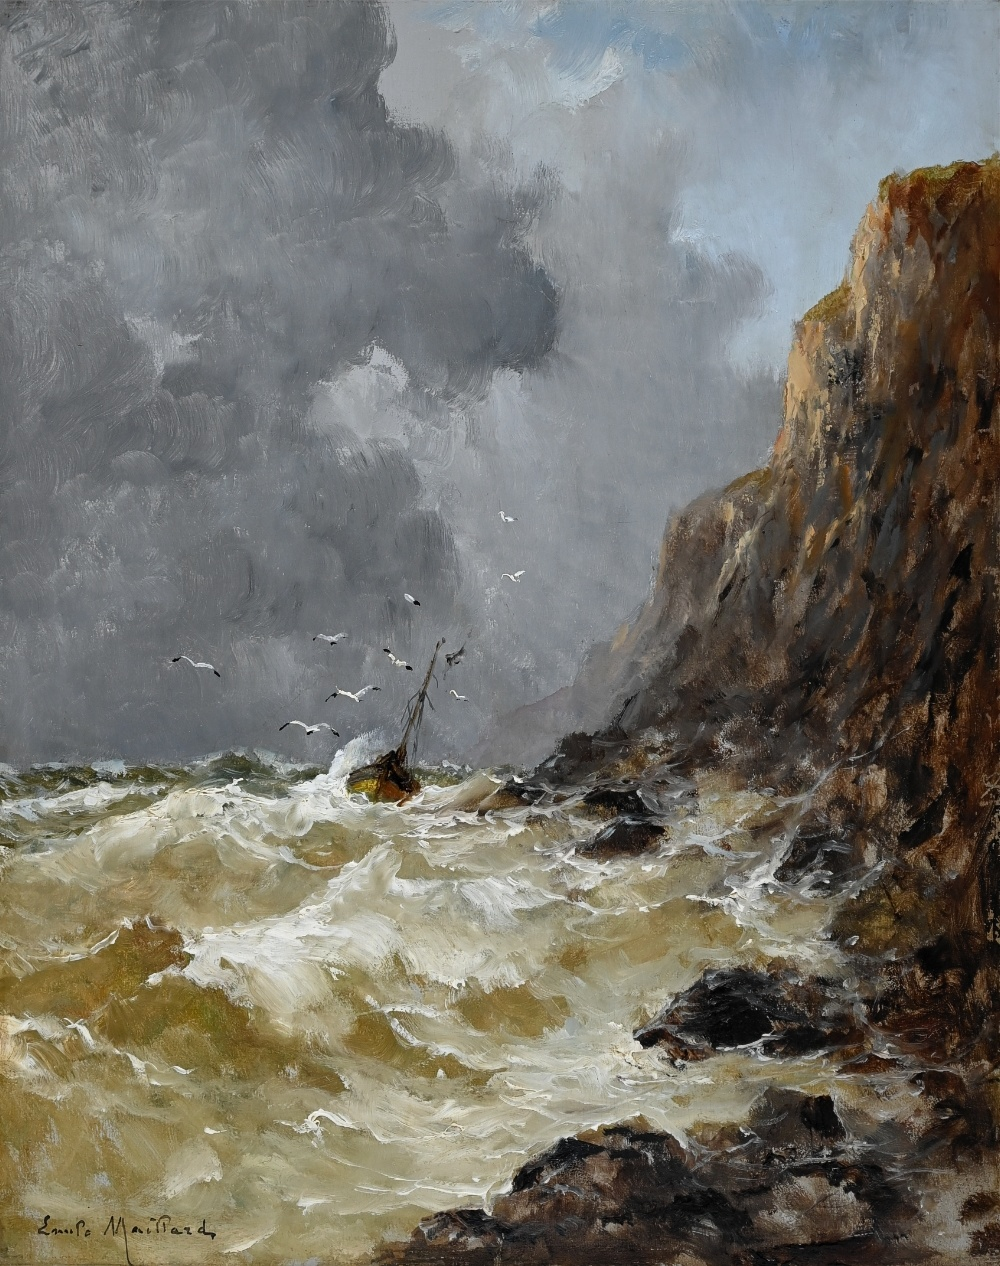 Emile Maillard (1846 - 1926) » Öl-Gemälde Marinemalerei Realismus Impressionismus Frankreich französische Schule